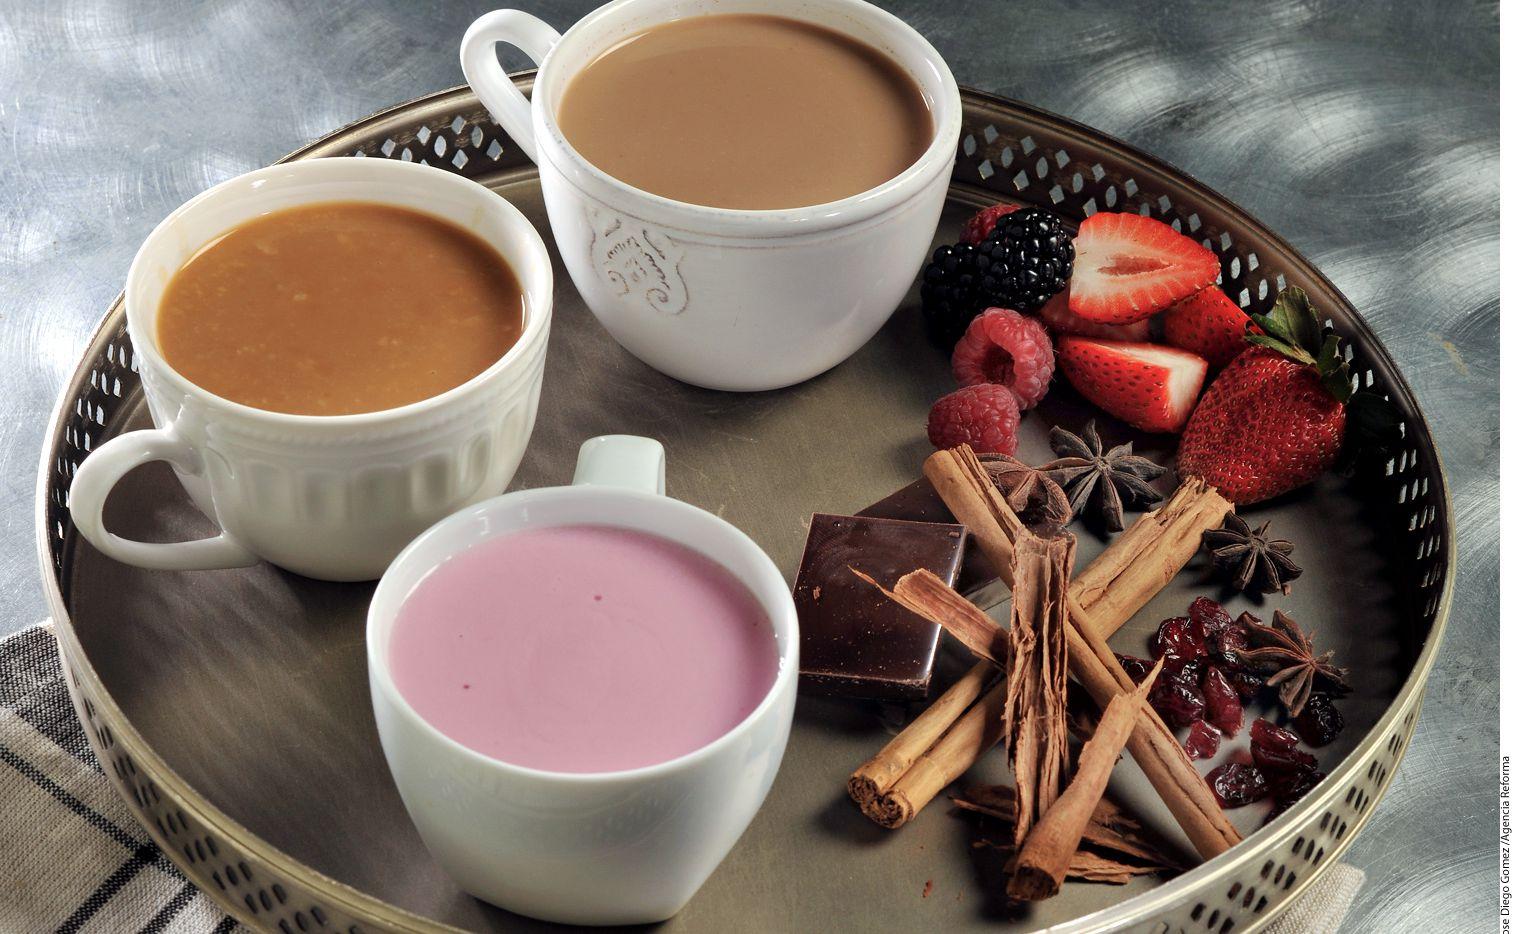 Atole de frutos rojos, atole de chocolate y crema de avellana y atole de cajeta y galletas son tres opciones no muy recurrentes a la hora de preparar esta deliciosa bebida./ AGENCIA REFORMA